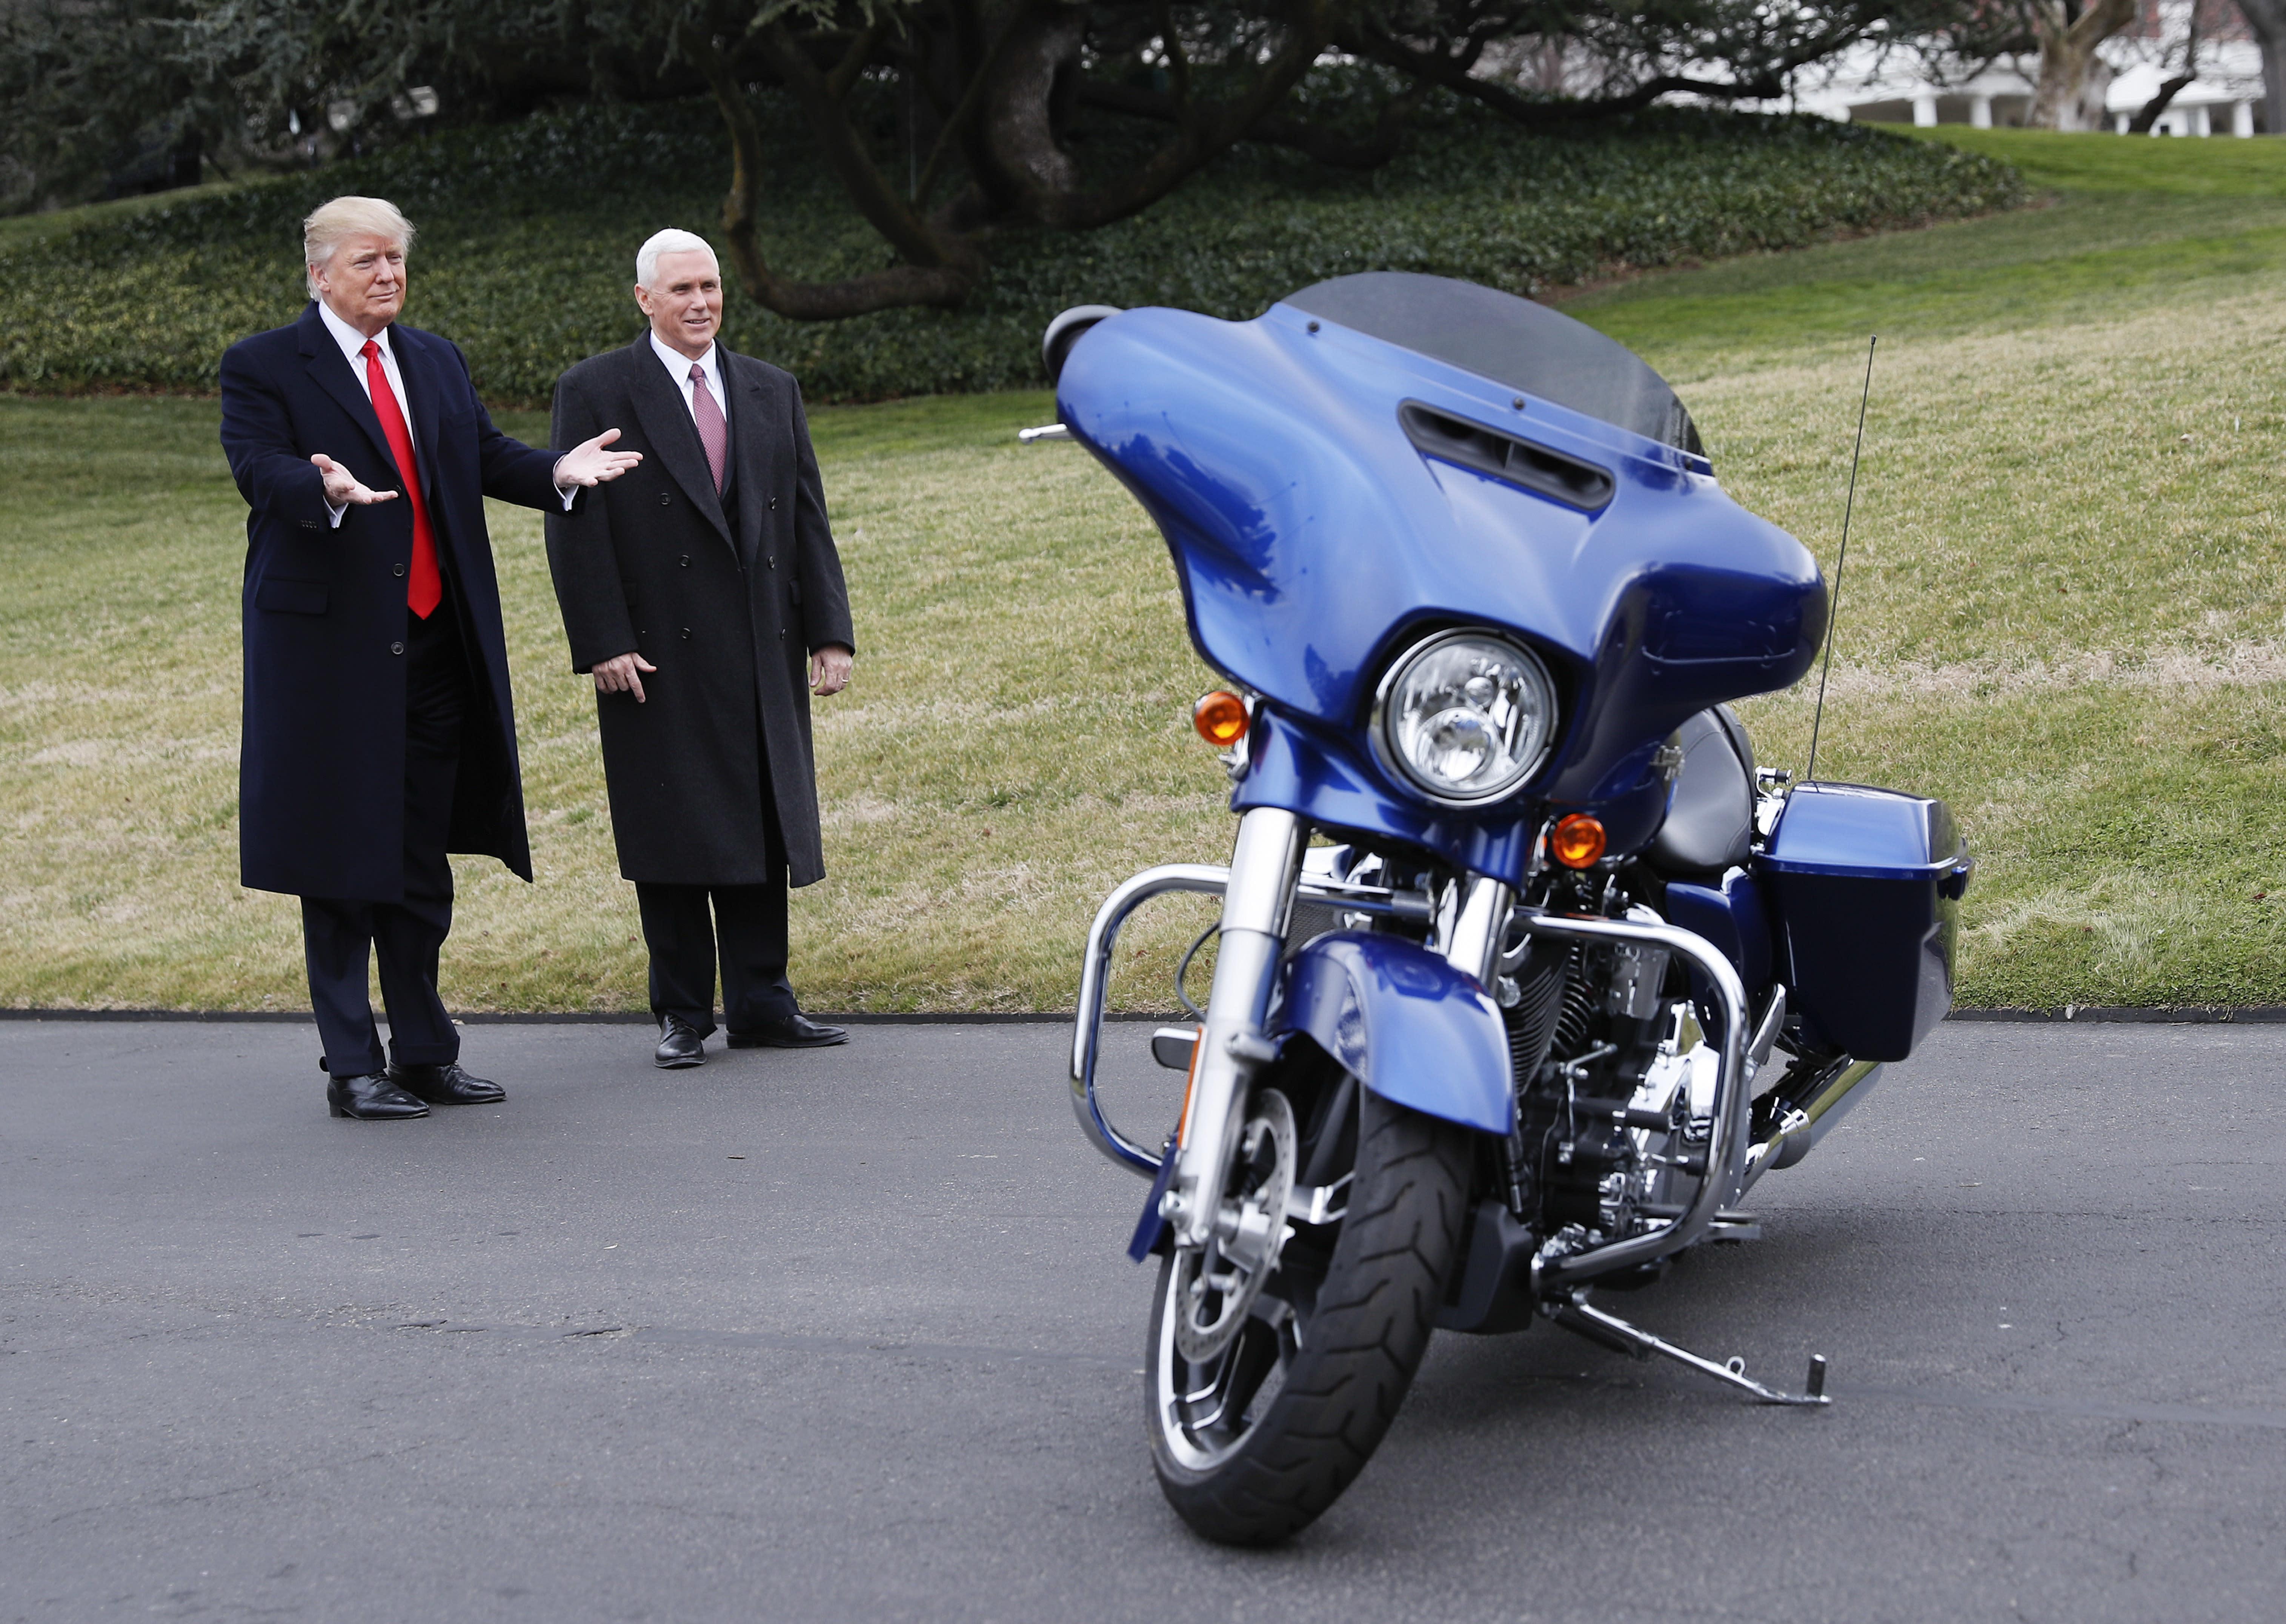 Harley Davidson Us Sales Tank Amid Trump Tariffs